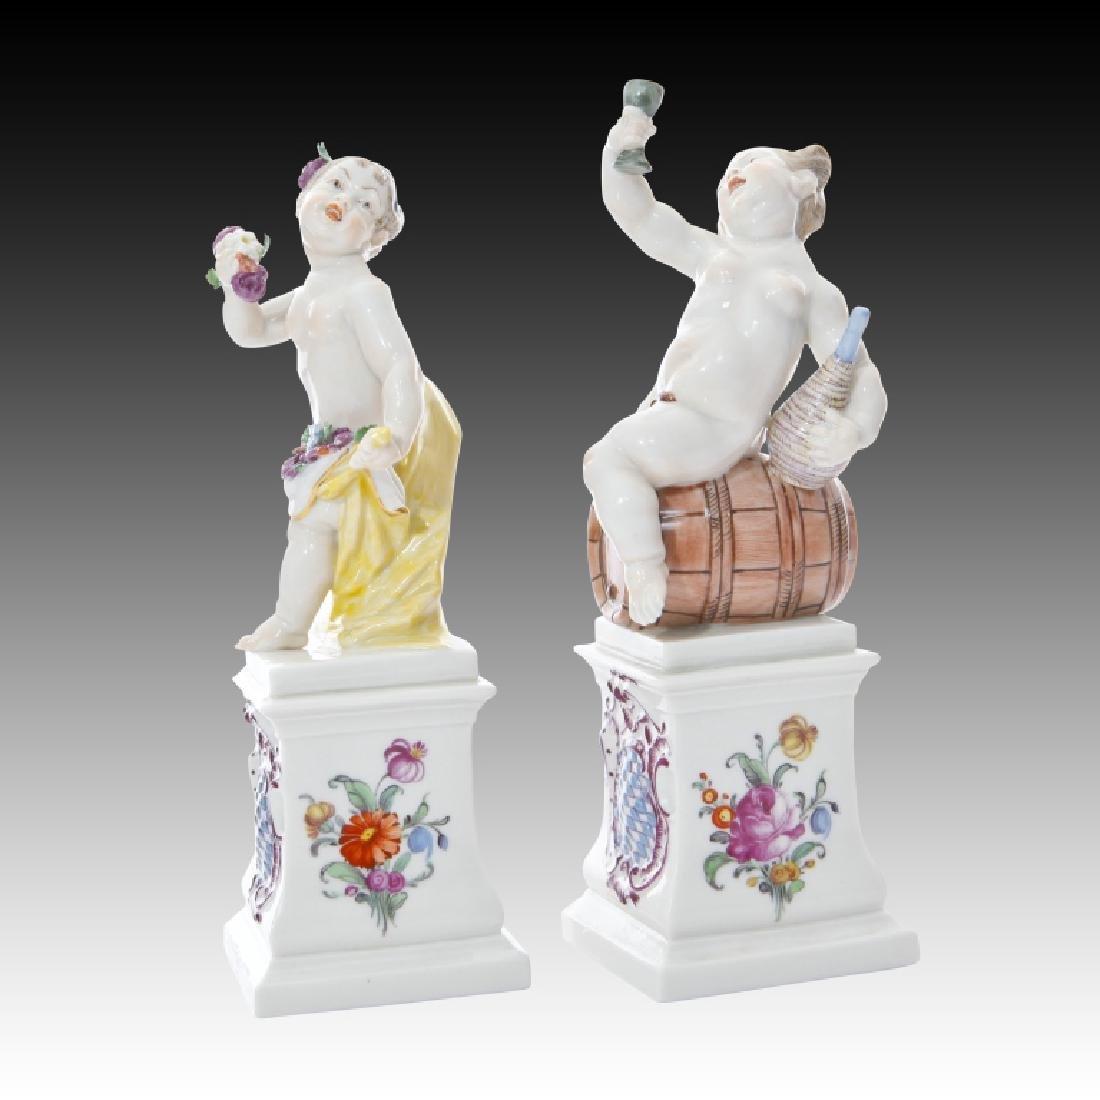 Pair of Nymphenburg Cherub Figurine - 2